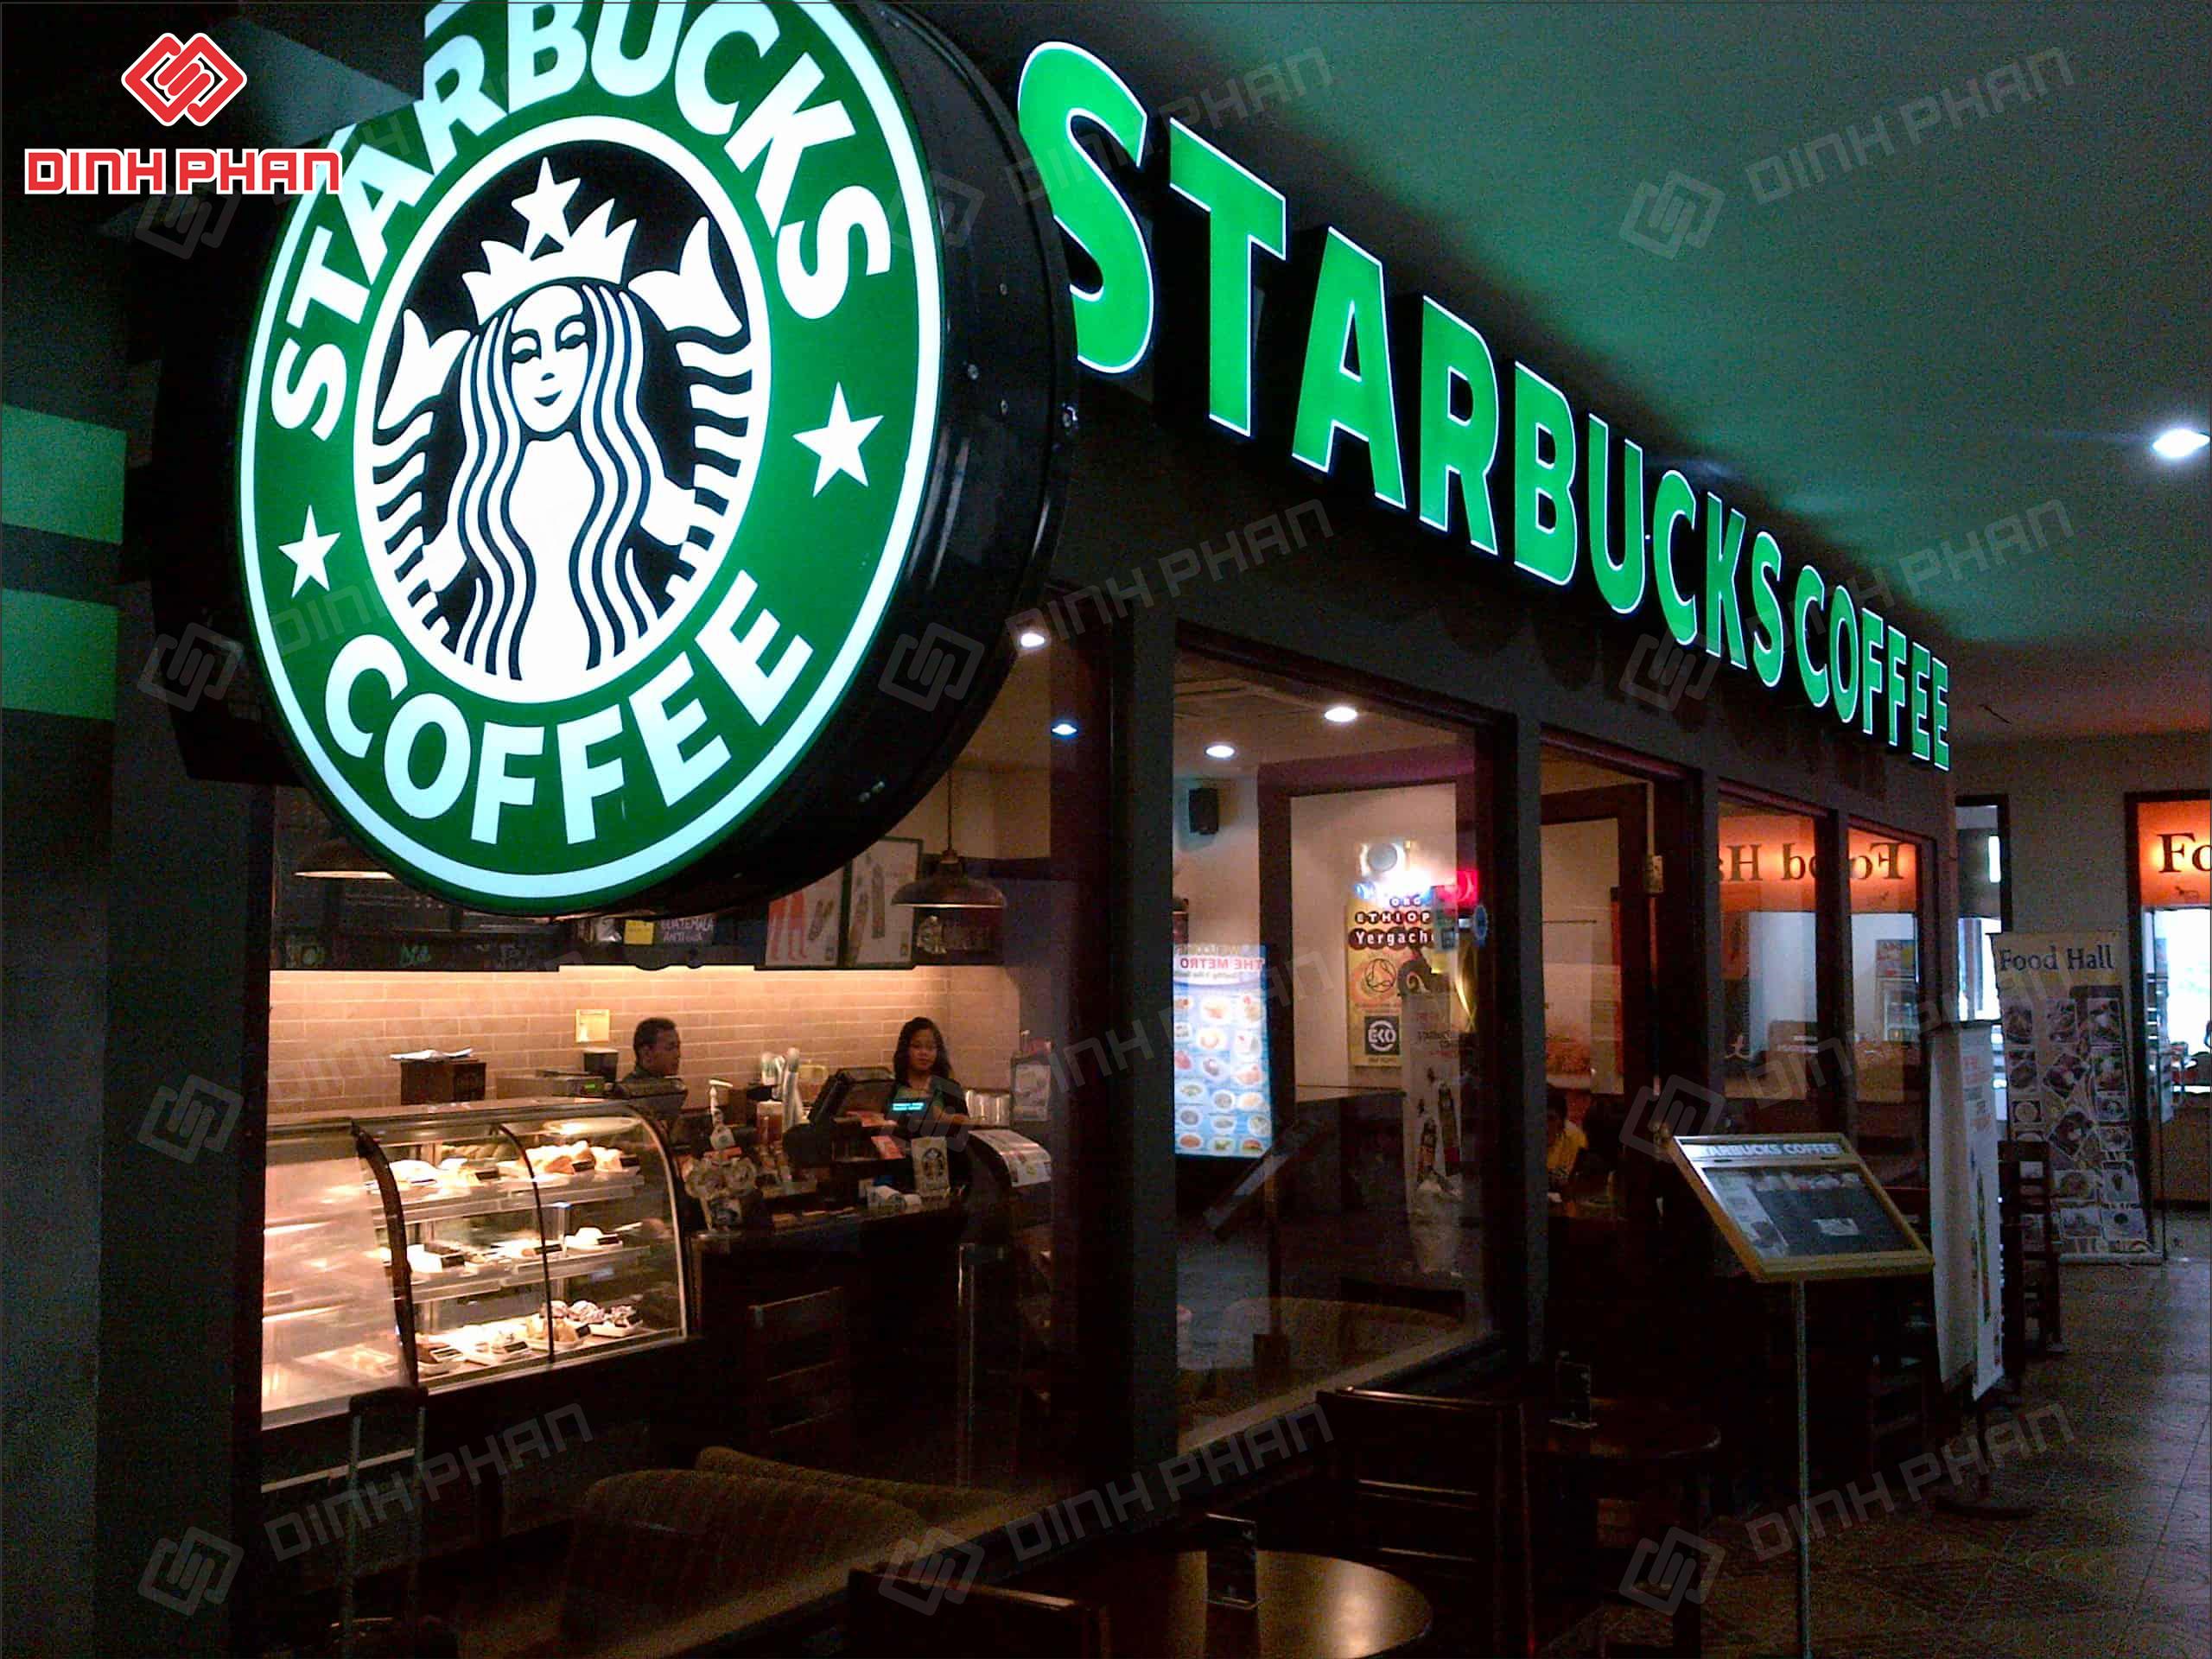 bảng hiệu quán cafe starbucks